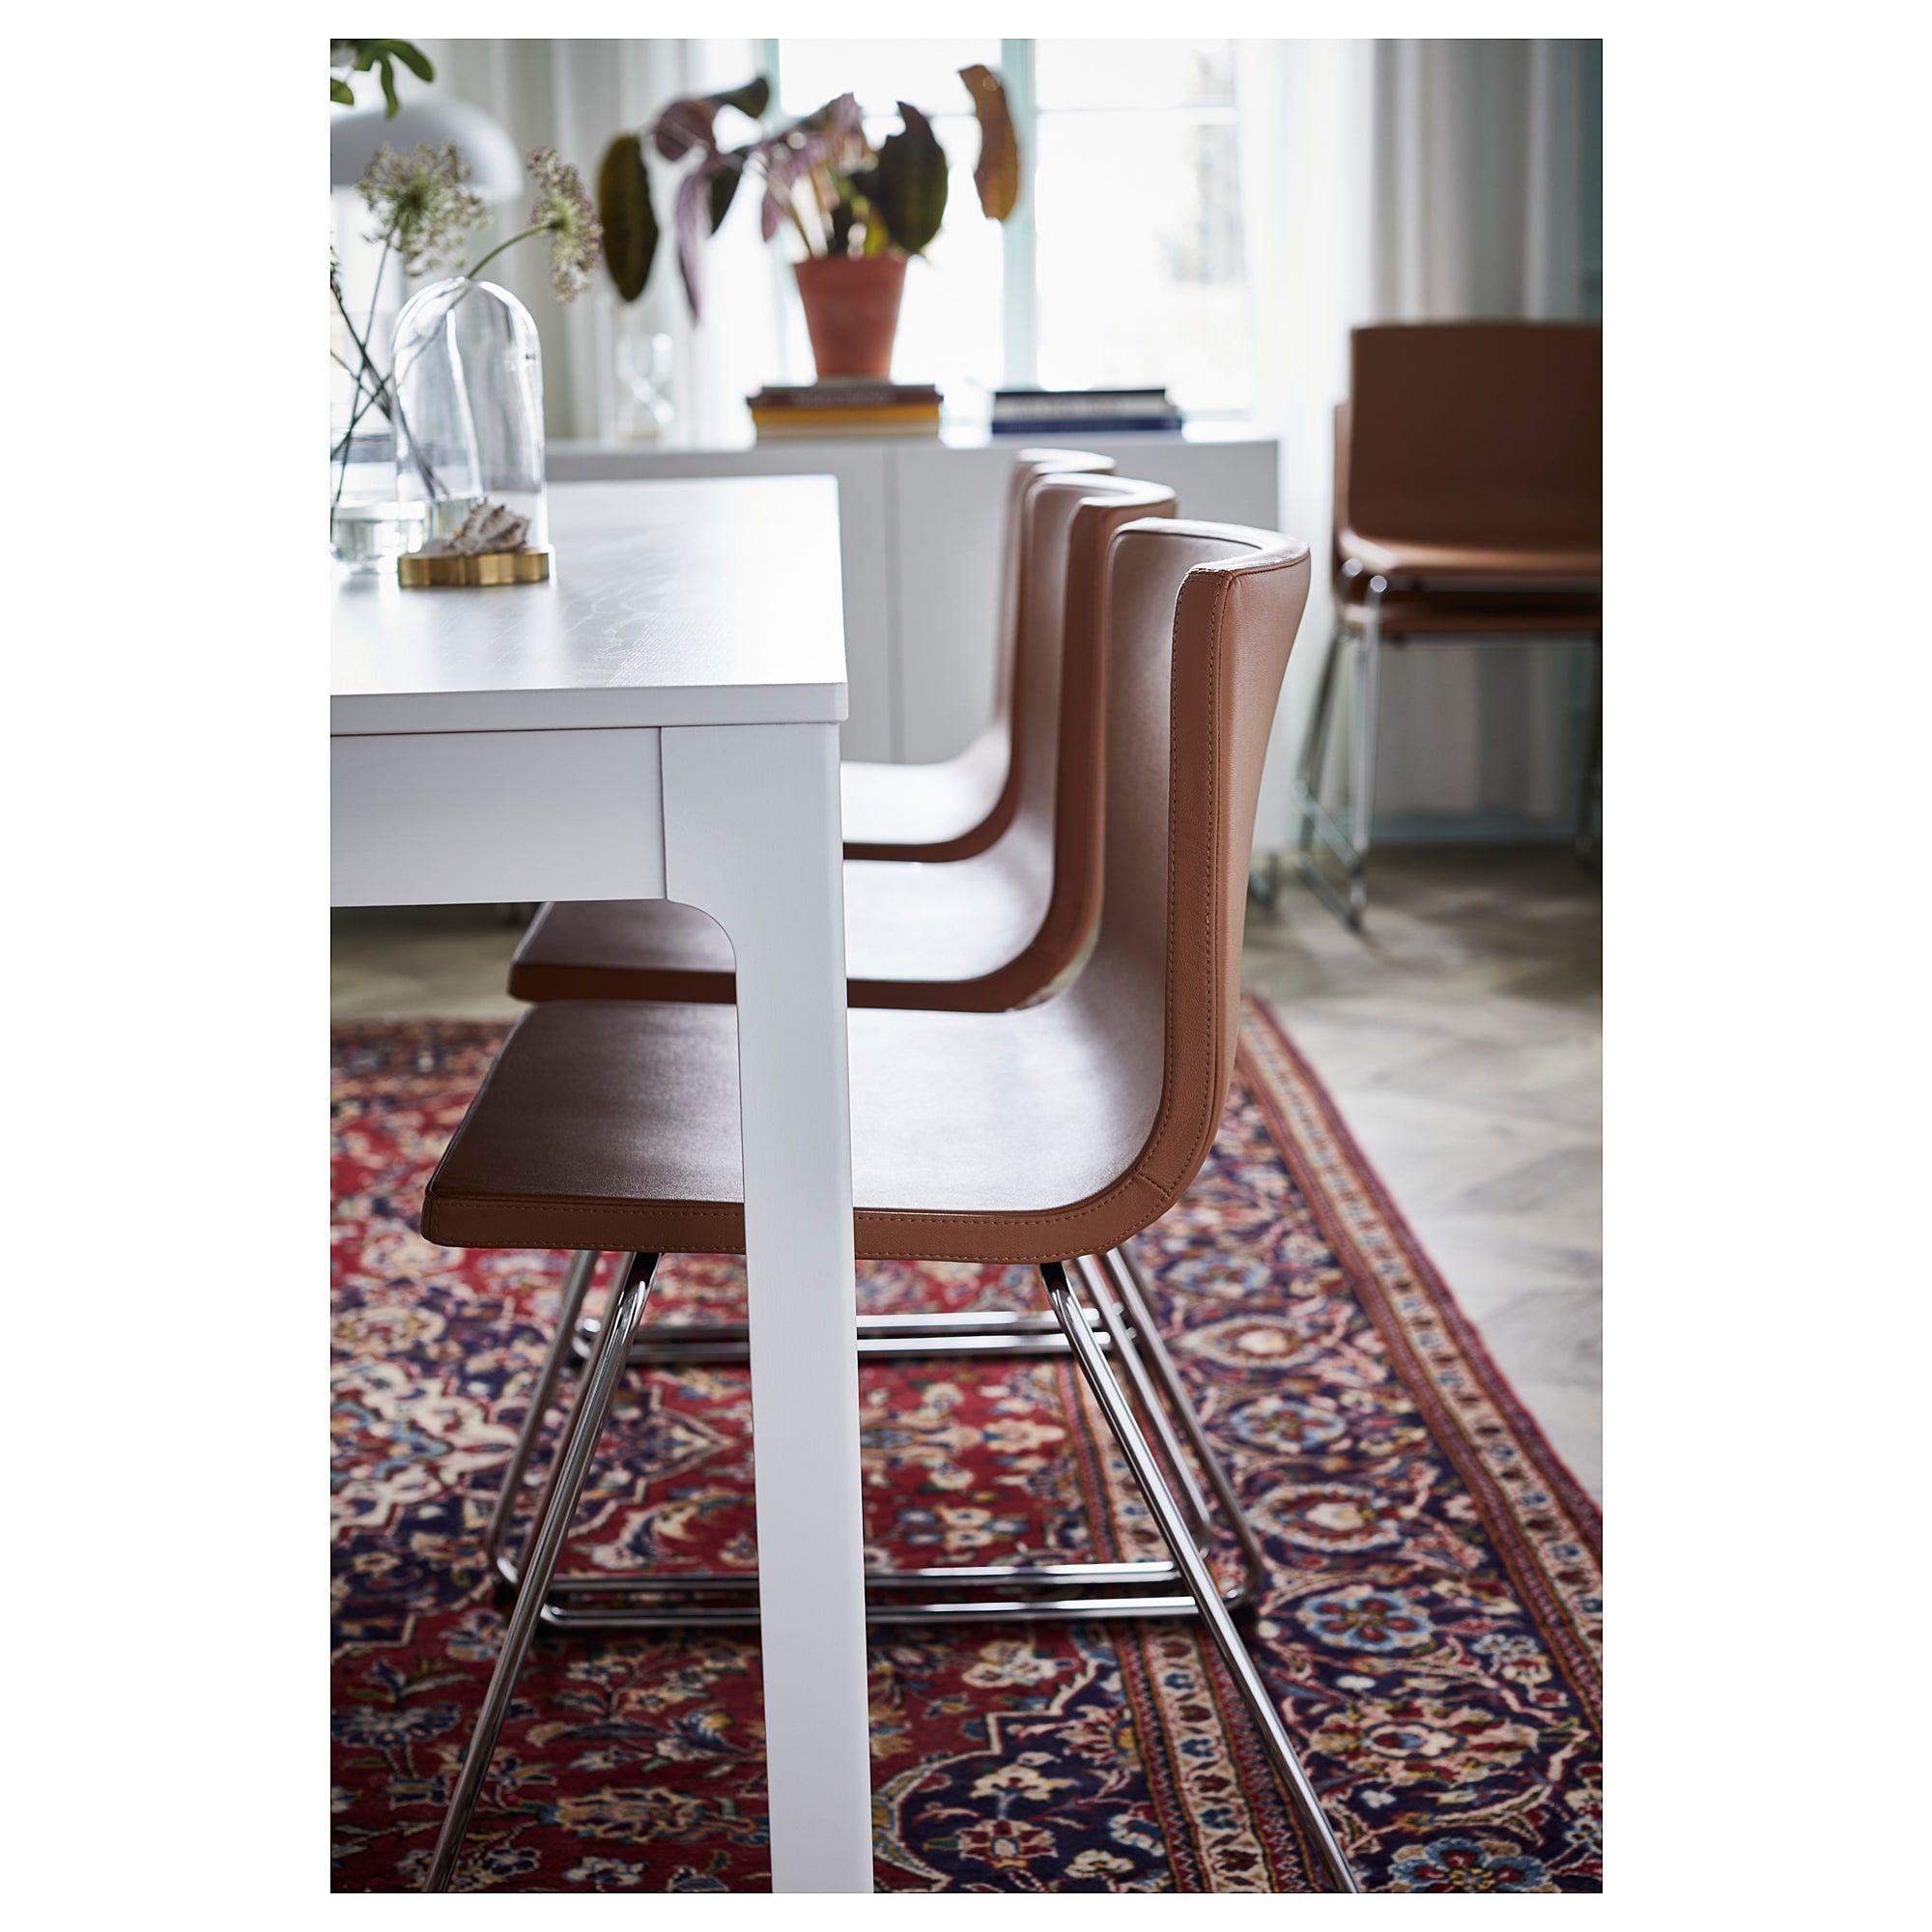 IKEA BERNHARD Chair chrome plated, Mjuk golden brown